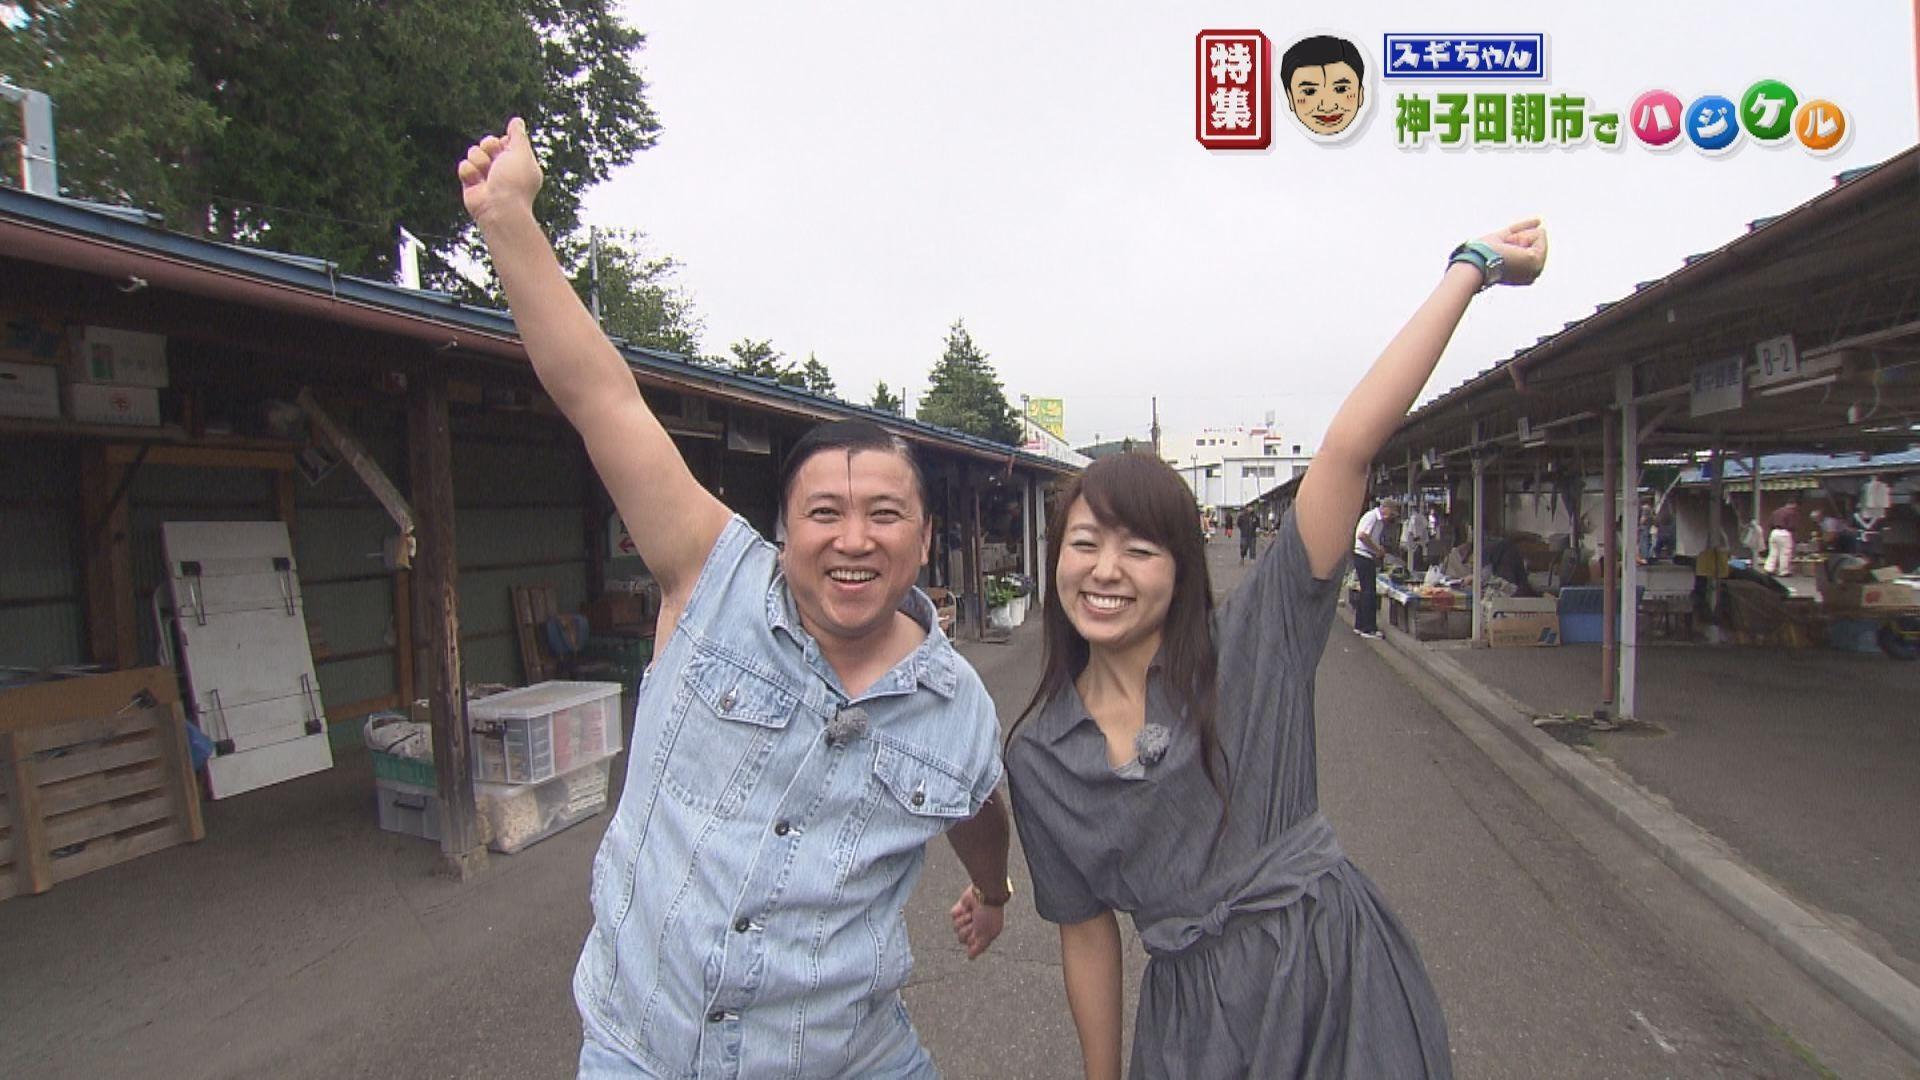 スギちゃん 神子田朝市でハジケル!